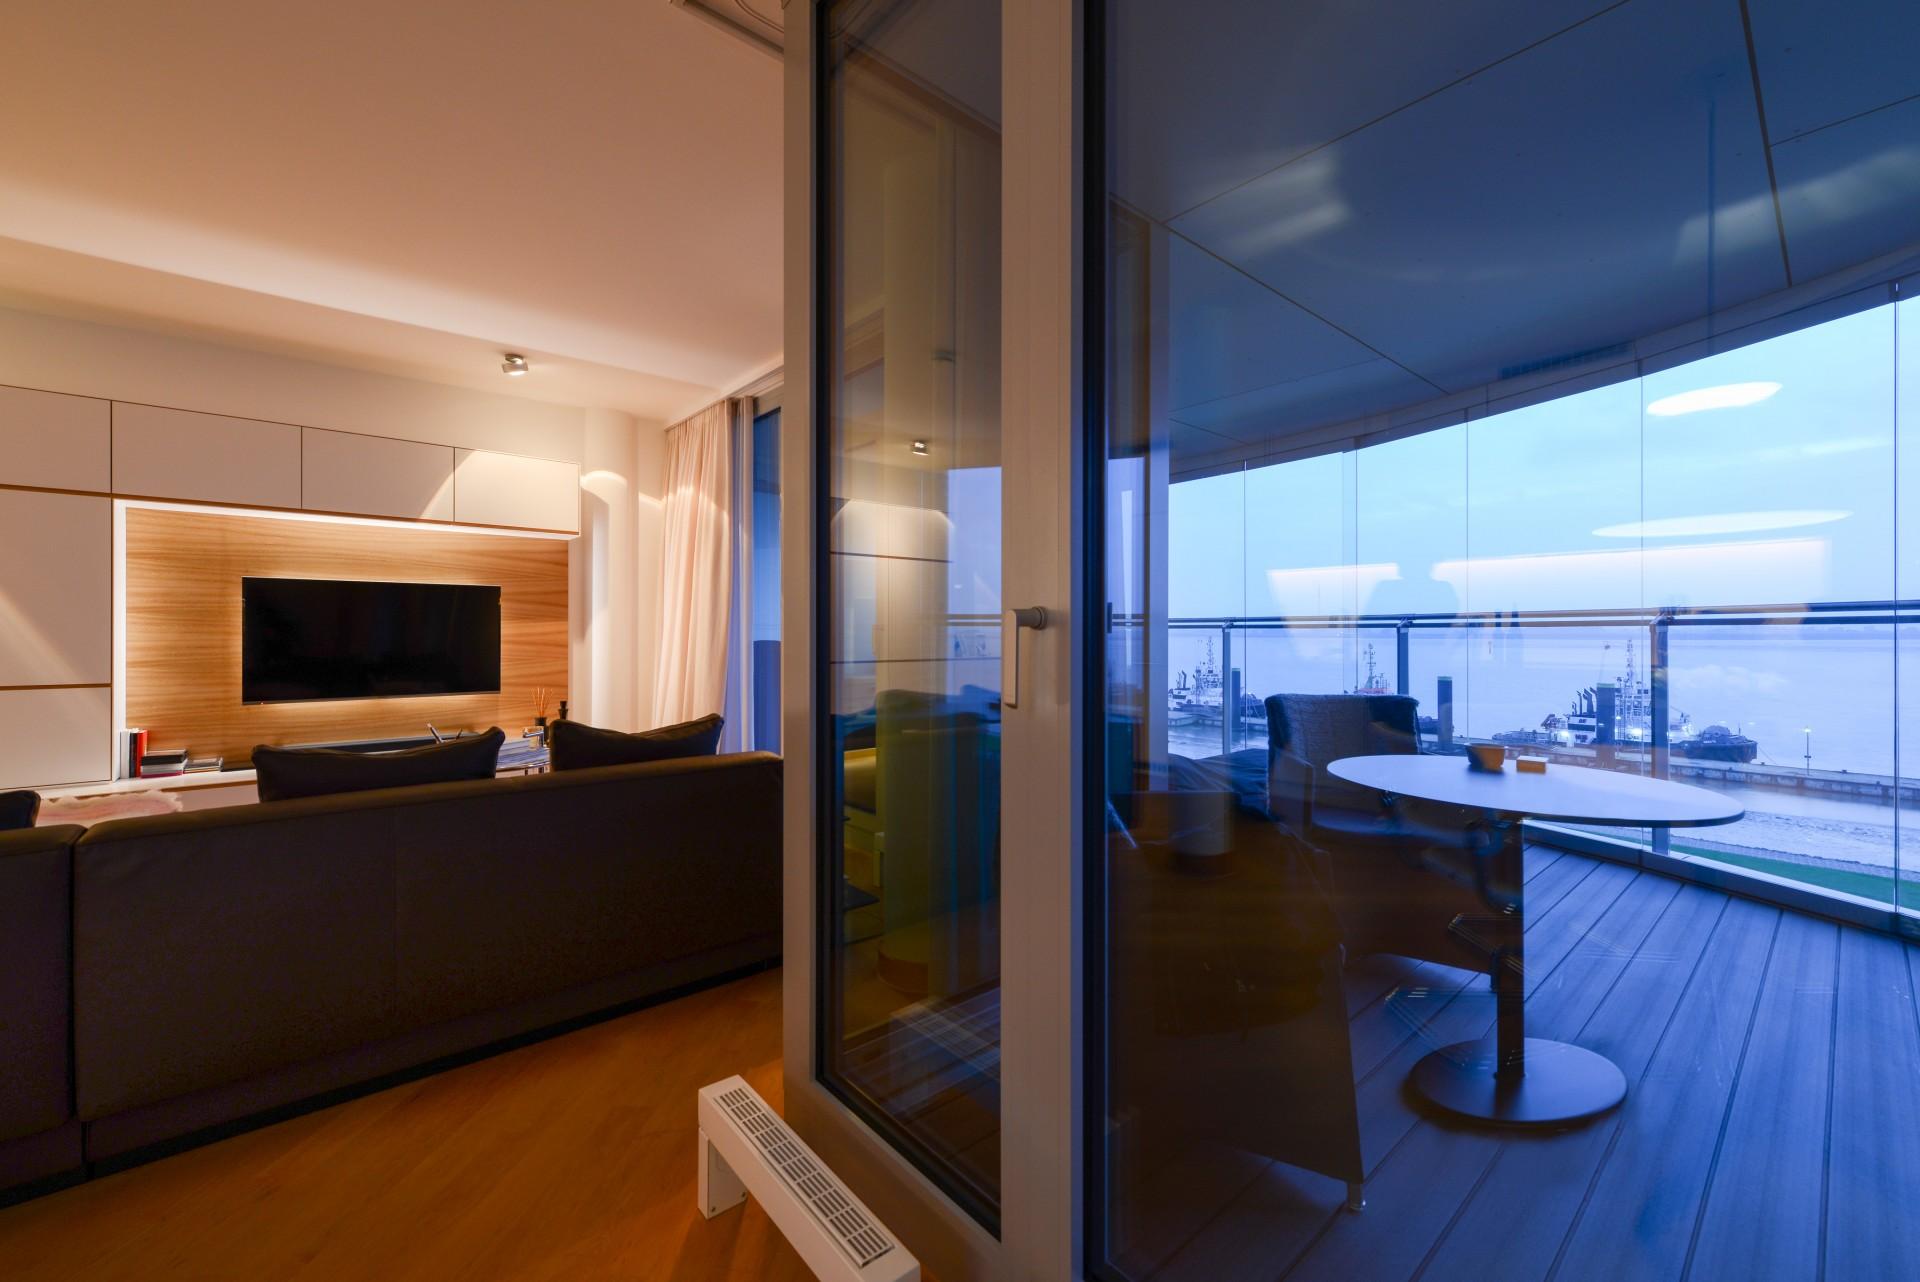 Galeriebild / Weser Wave – Wohnung, Privat-Domizil in Bremerhaven